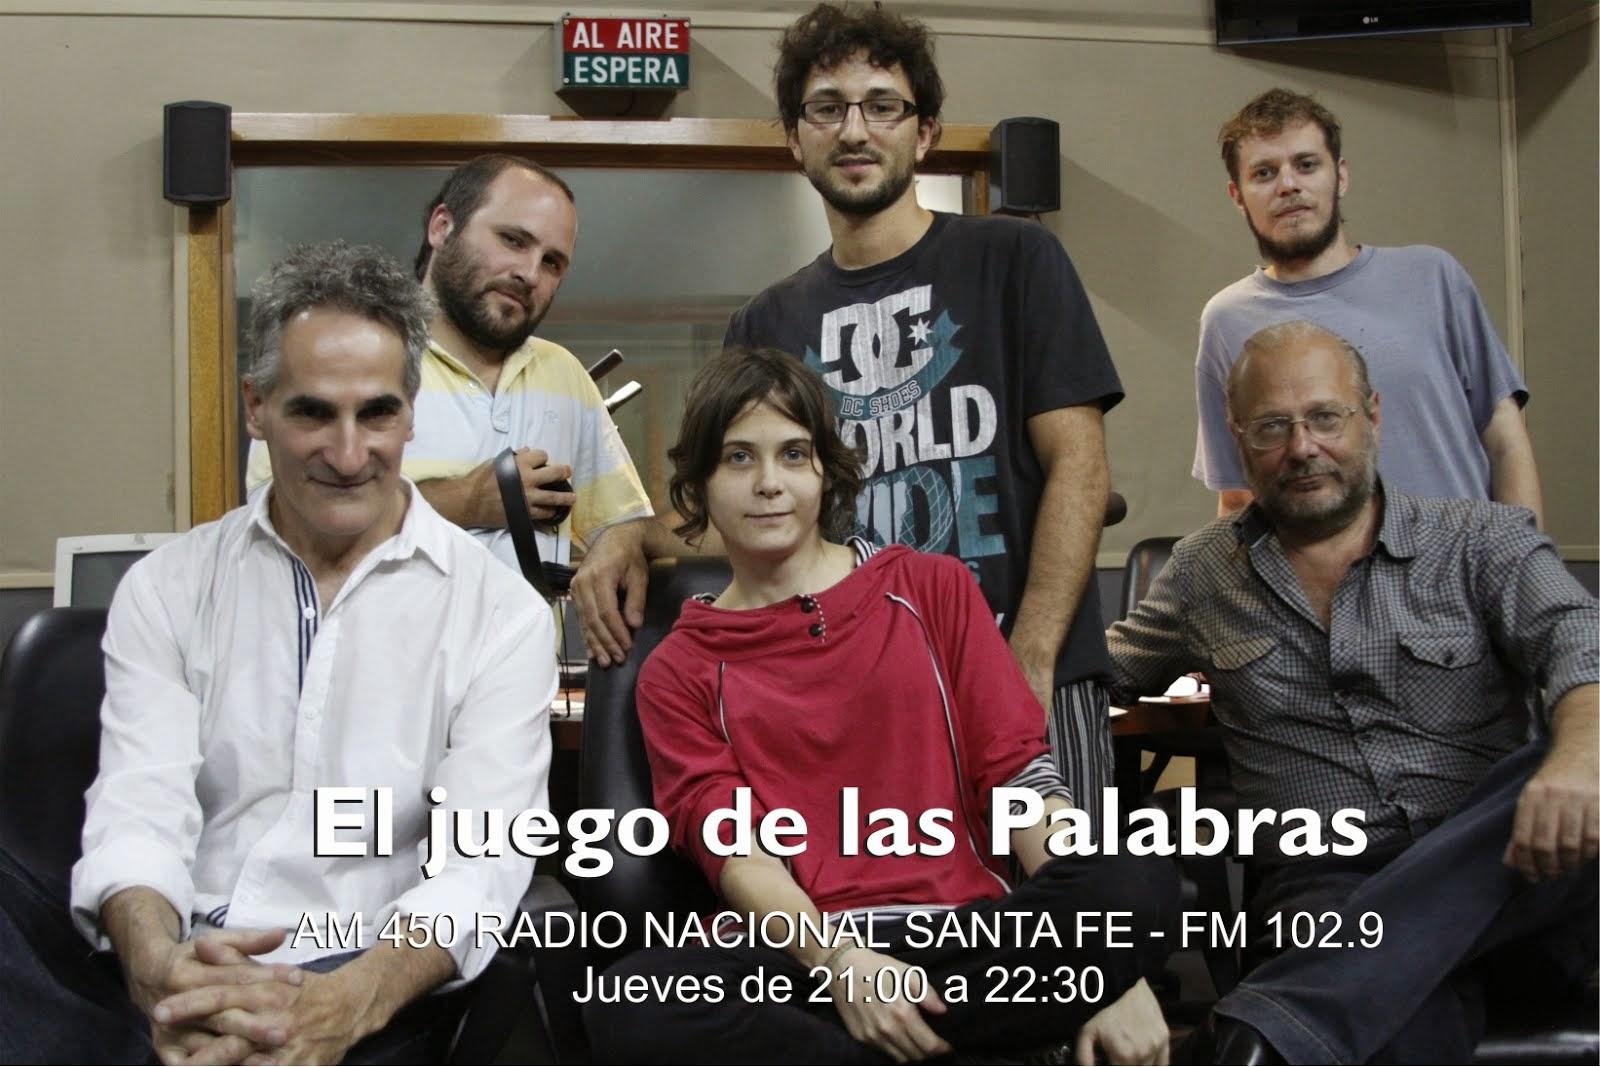 NUESTRO PROGRAMA DE RADIO